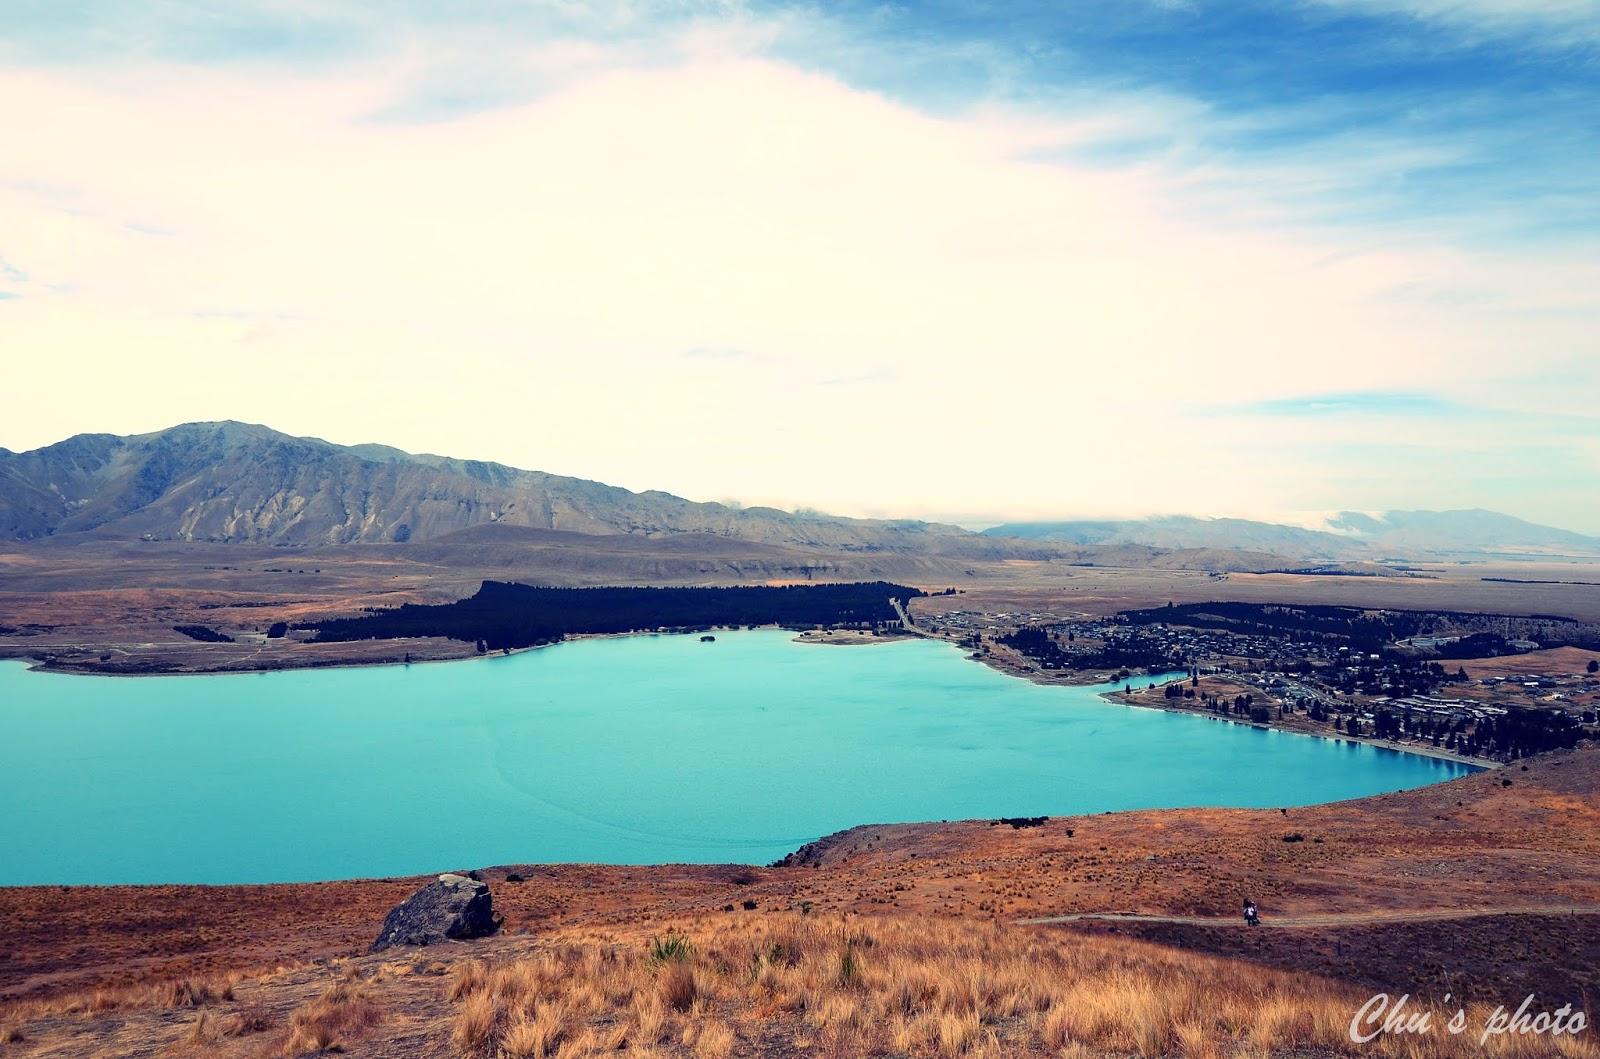 [紐西蘭] 5萬元環遊紐西蘭南島22天-自由行懶人包- 行程表 / 自助景點 / 自駕環島路線 - 存影成癮 · 關於旅行和 ...